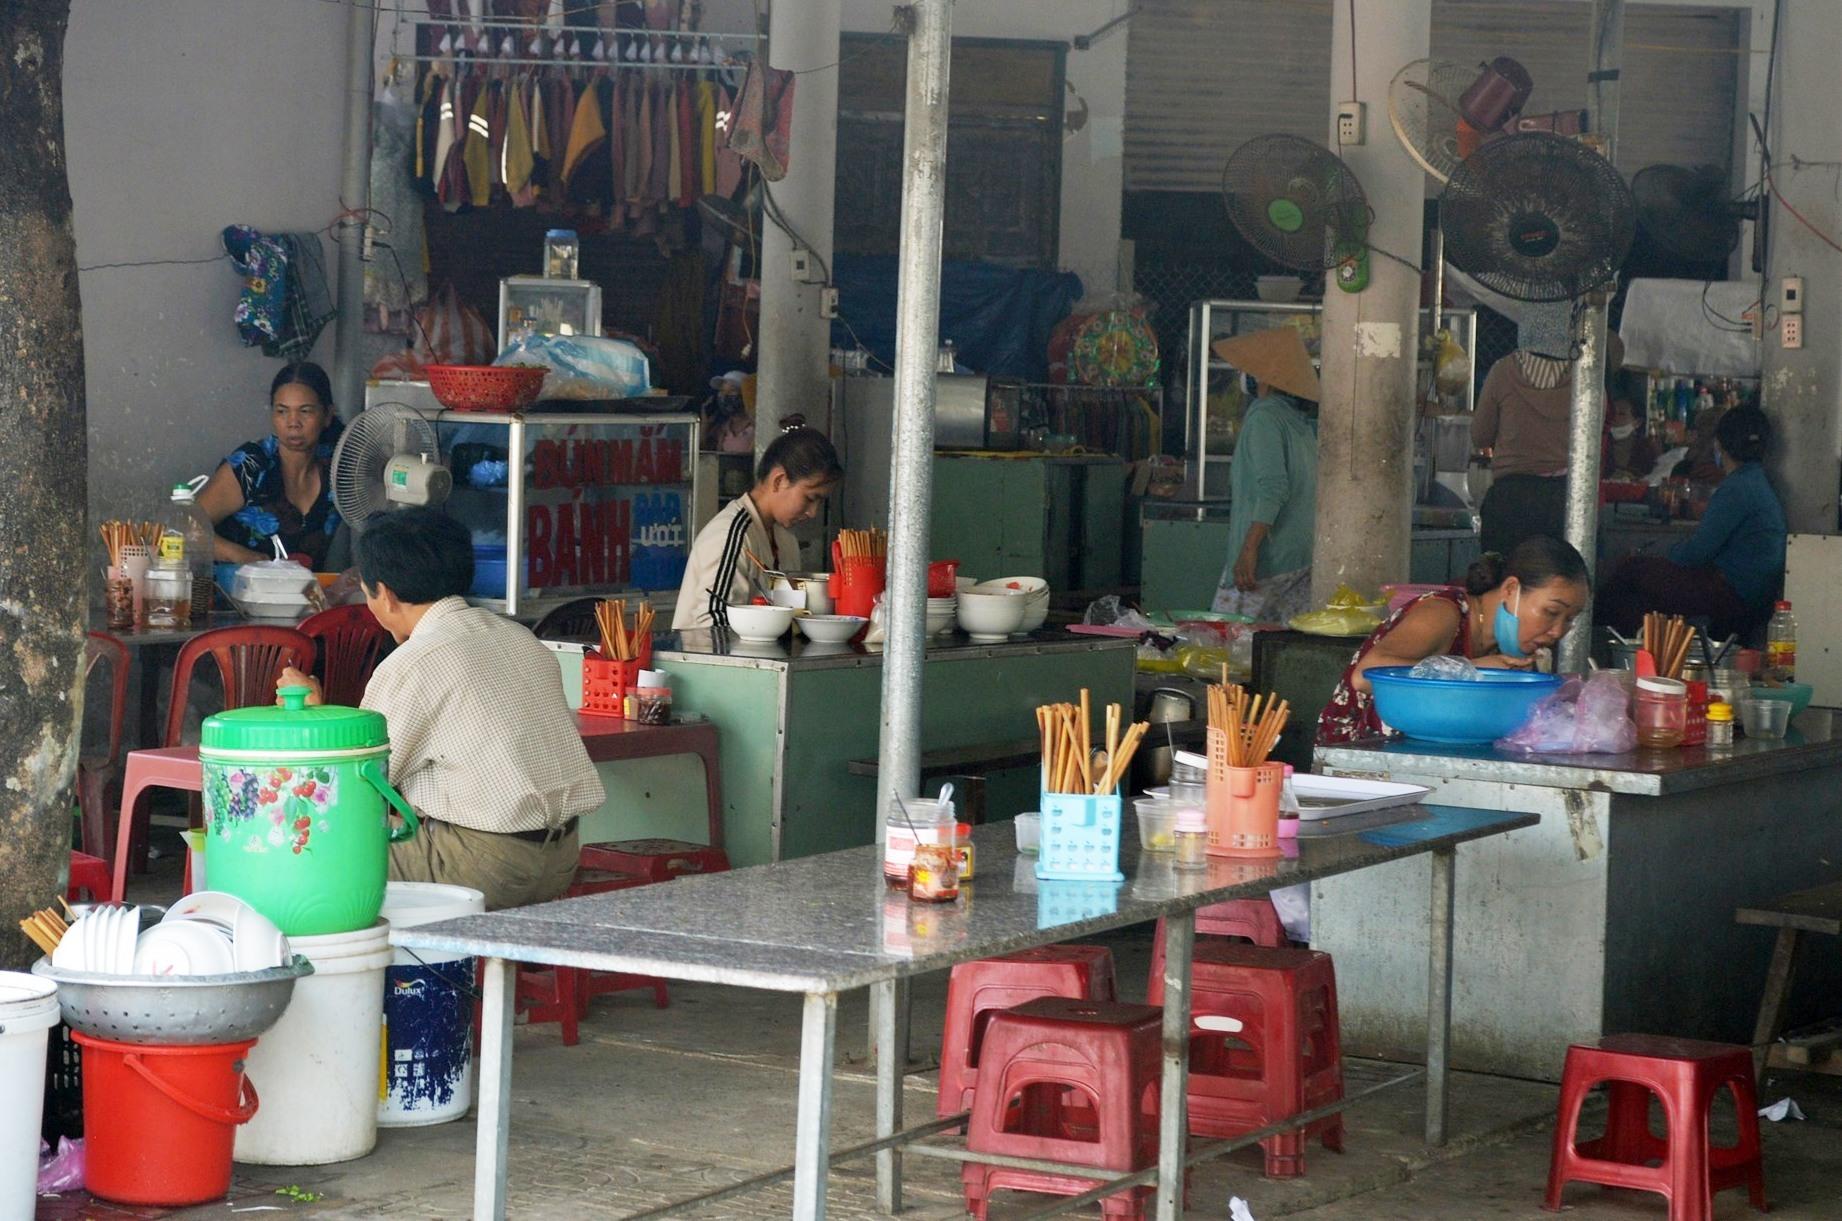 Tại chợ Thanh Quýt (xã Điện Thắng Trung), thậm chí các quán ăn uống vẫn còn hoạt động khá nhộn nhip